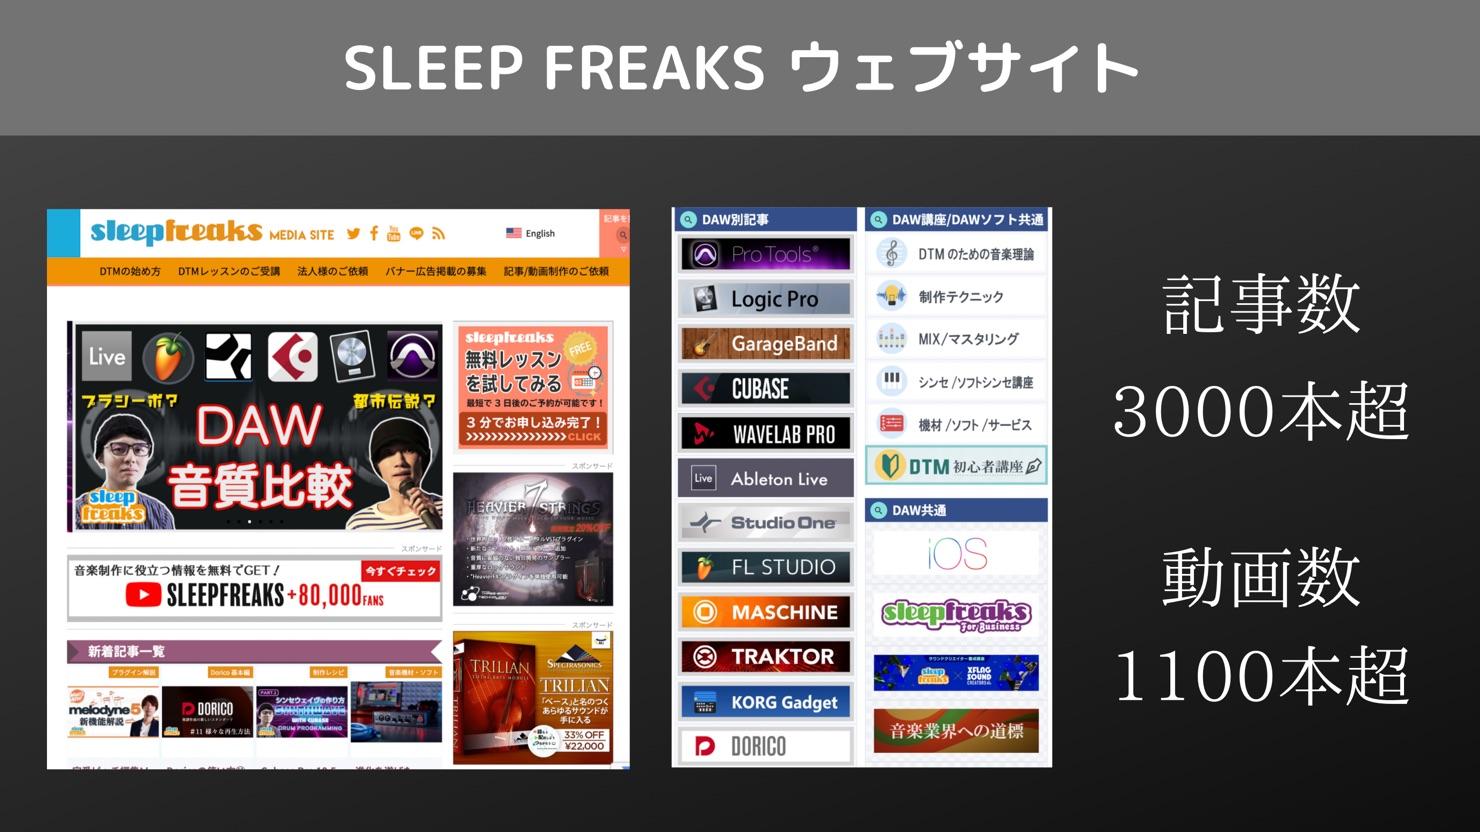 Sleepfreaks-Media-Site-Number-of-contents